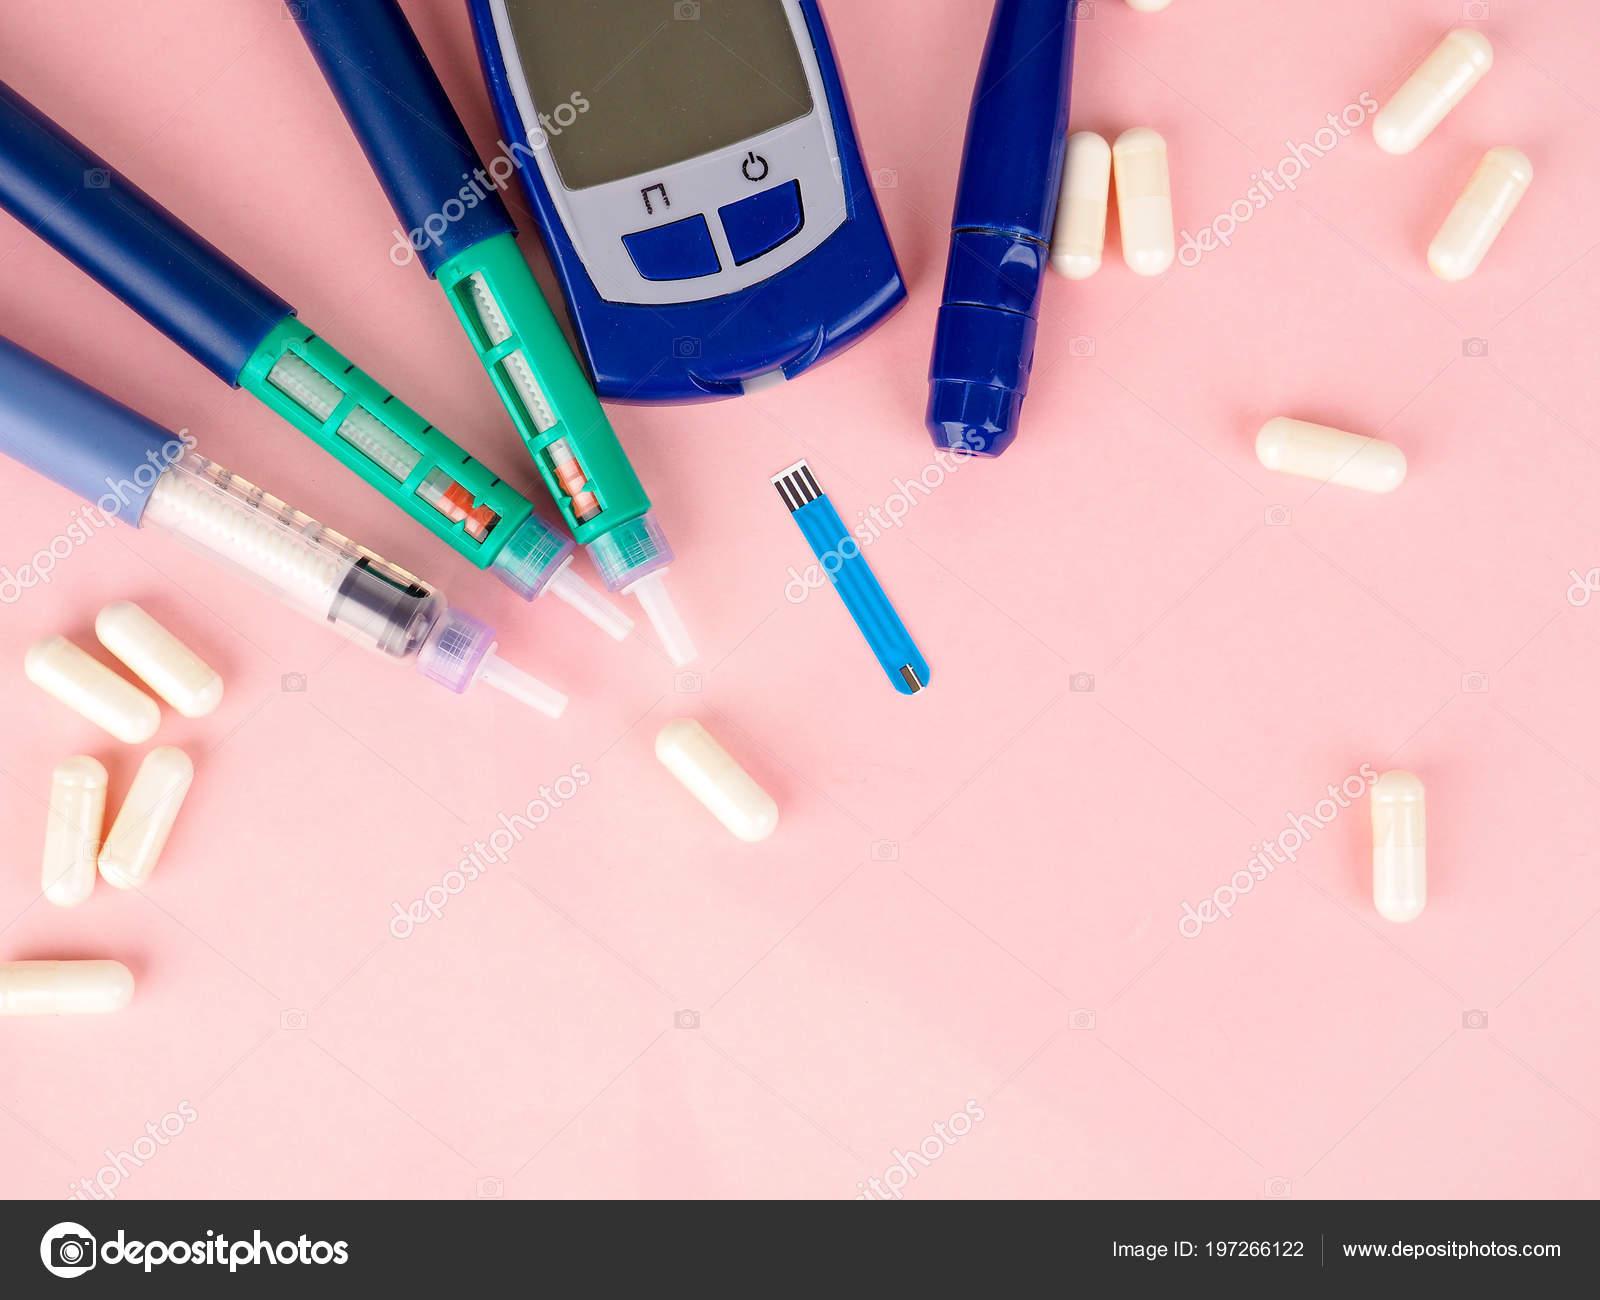 Маркер на сахарный диабет инсулин